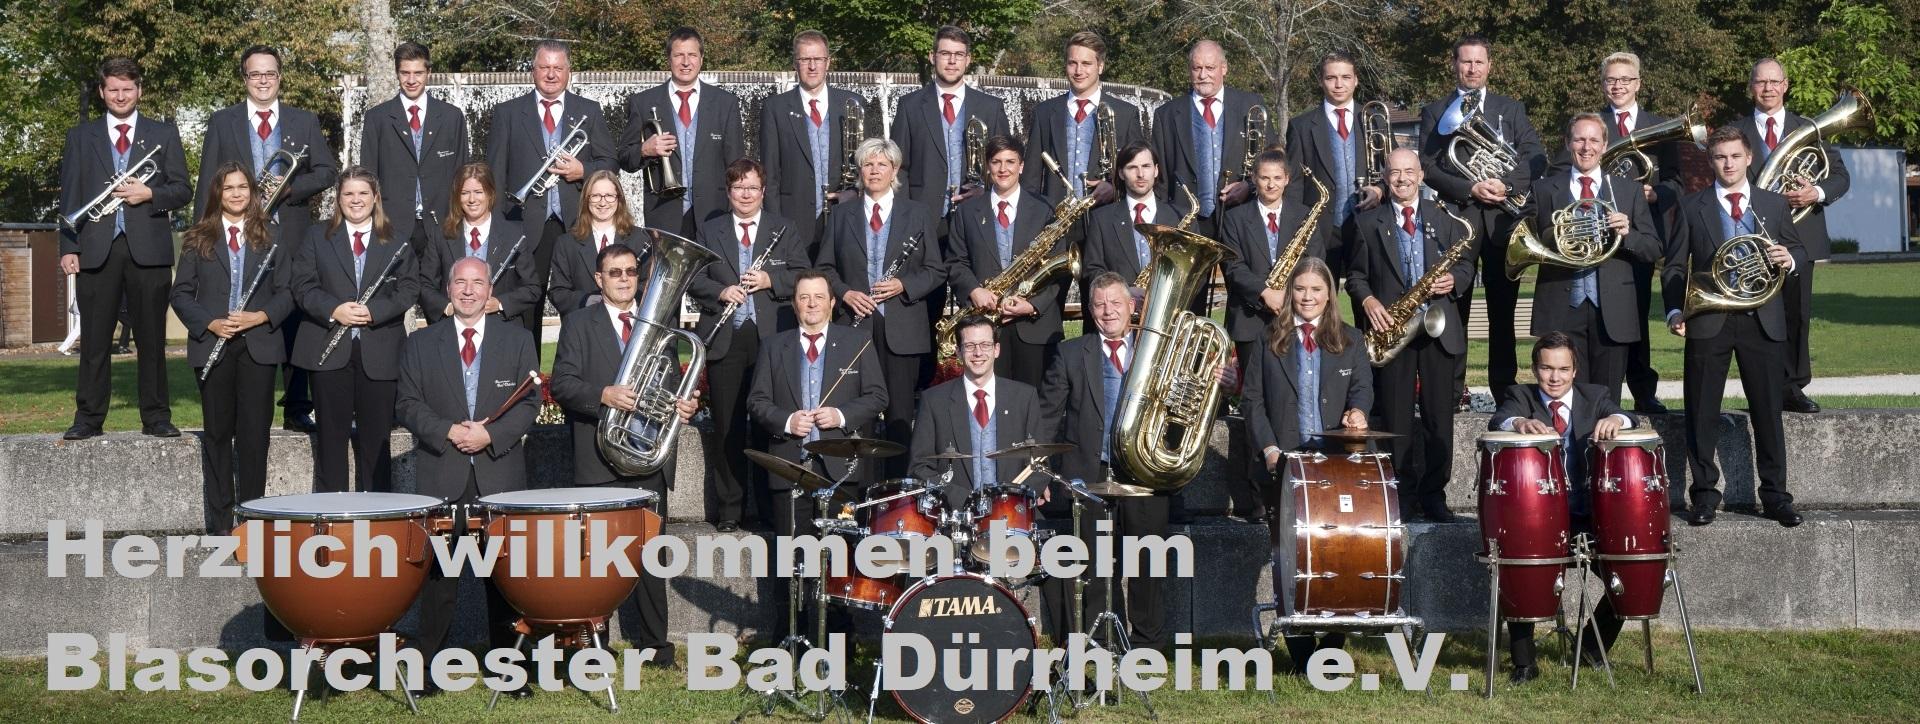 Blasorchester Bad Dürrheim e.V.